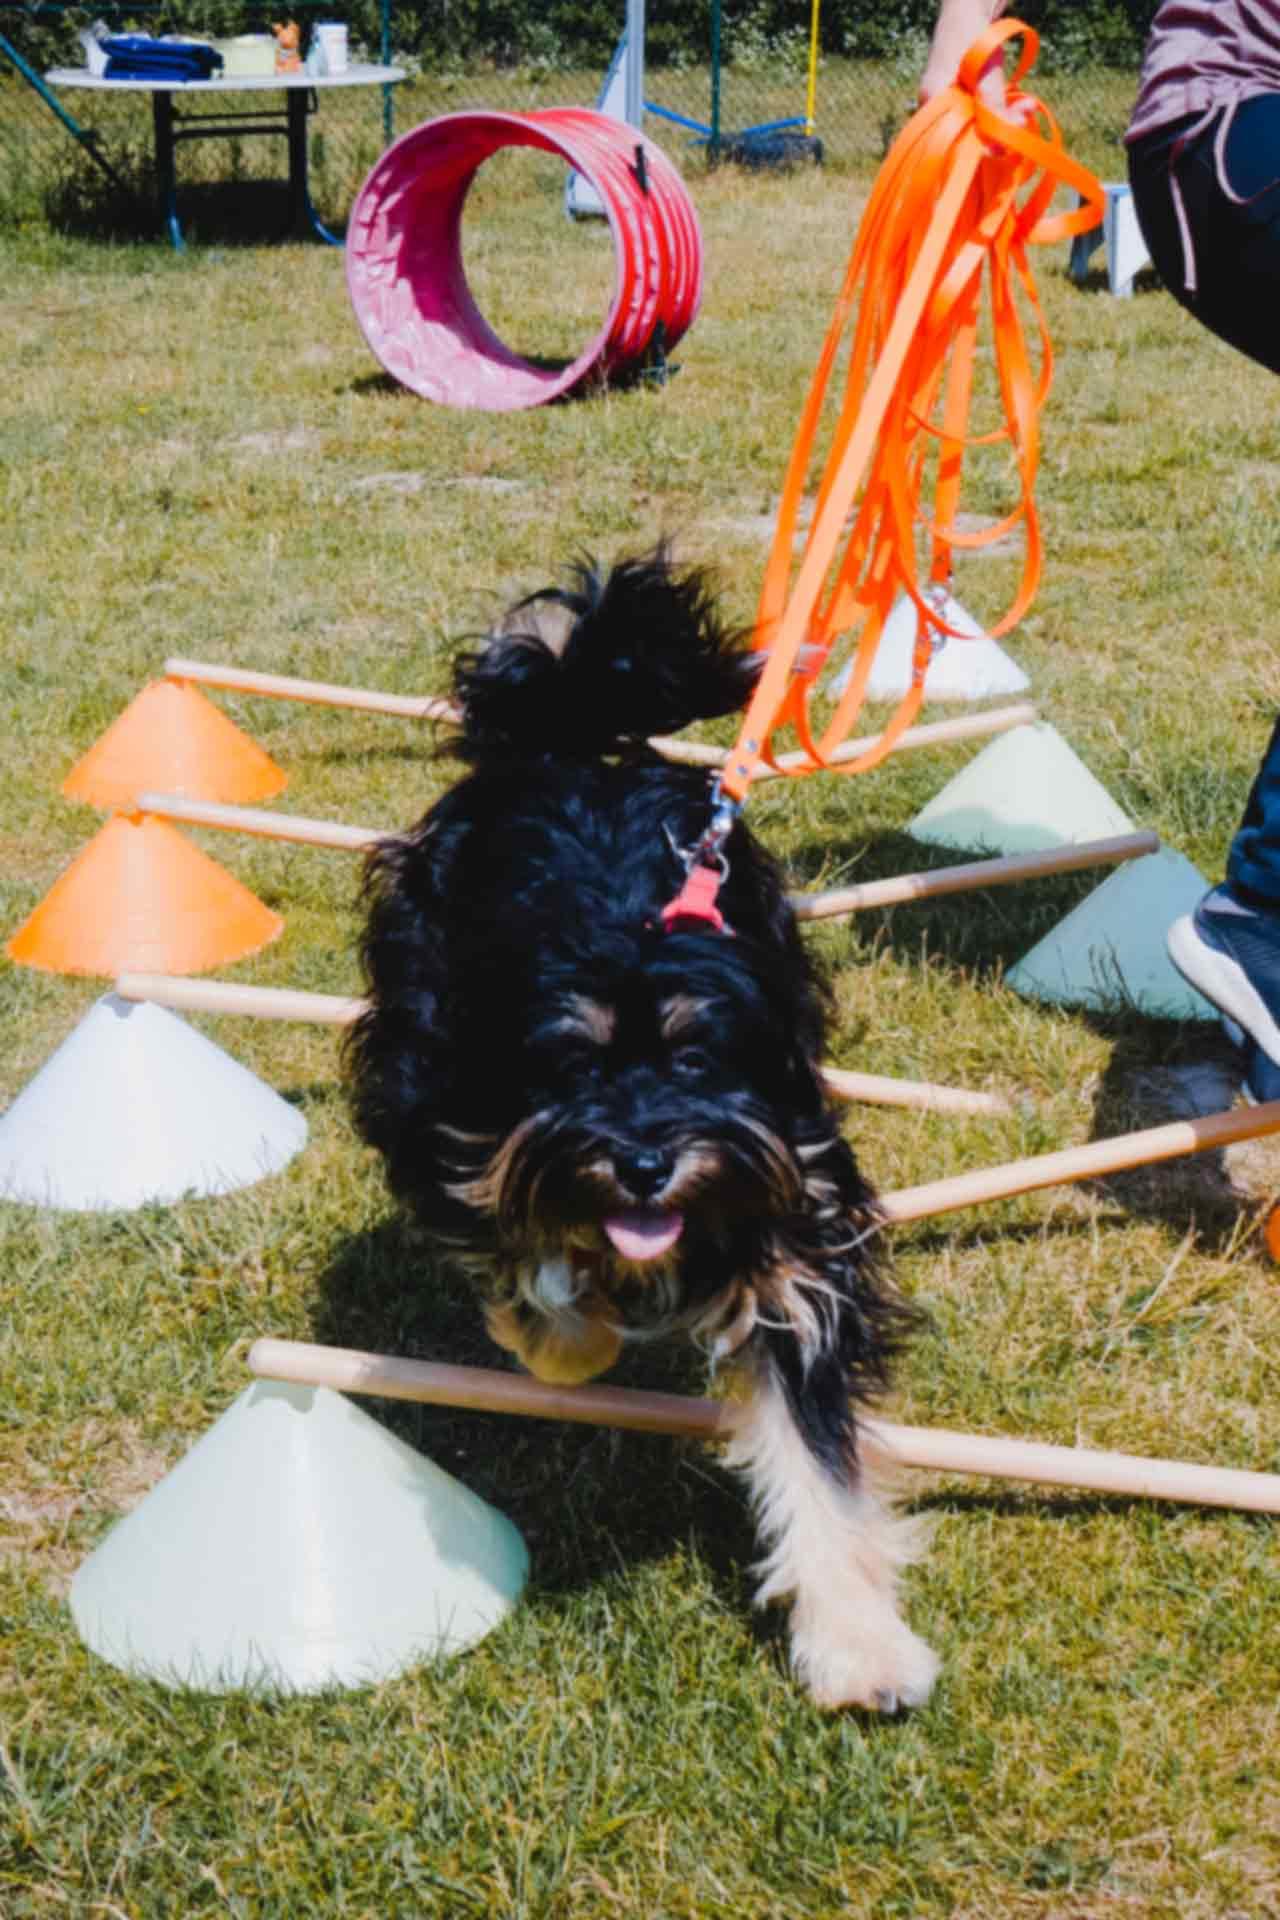 hundpunkt_hundeschule_muenster-ibbenbueren-allerlei-training